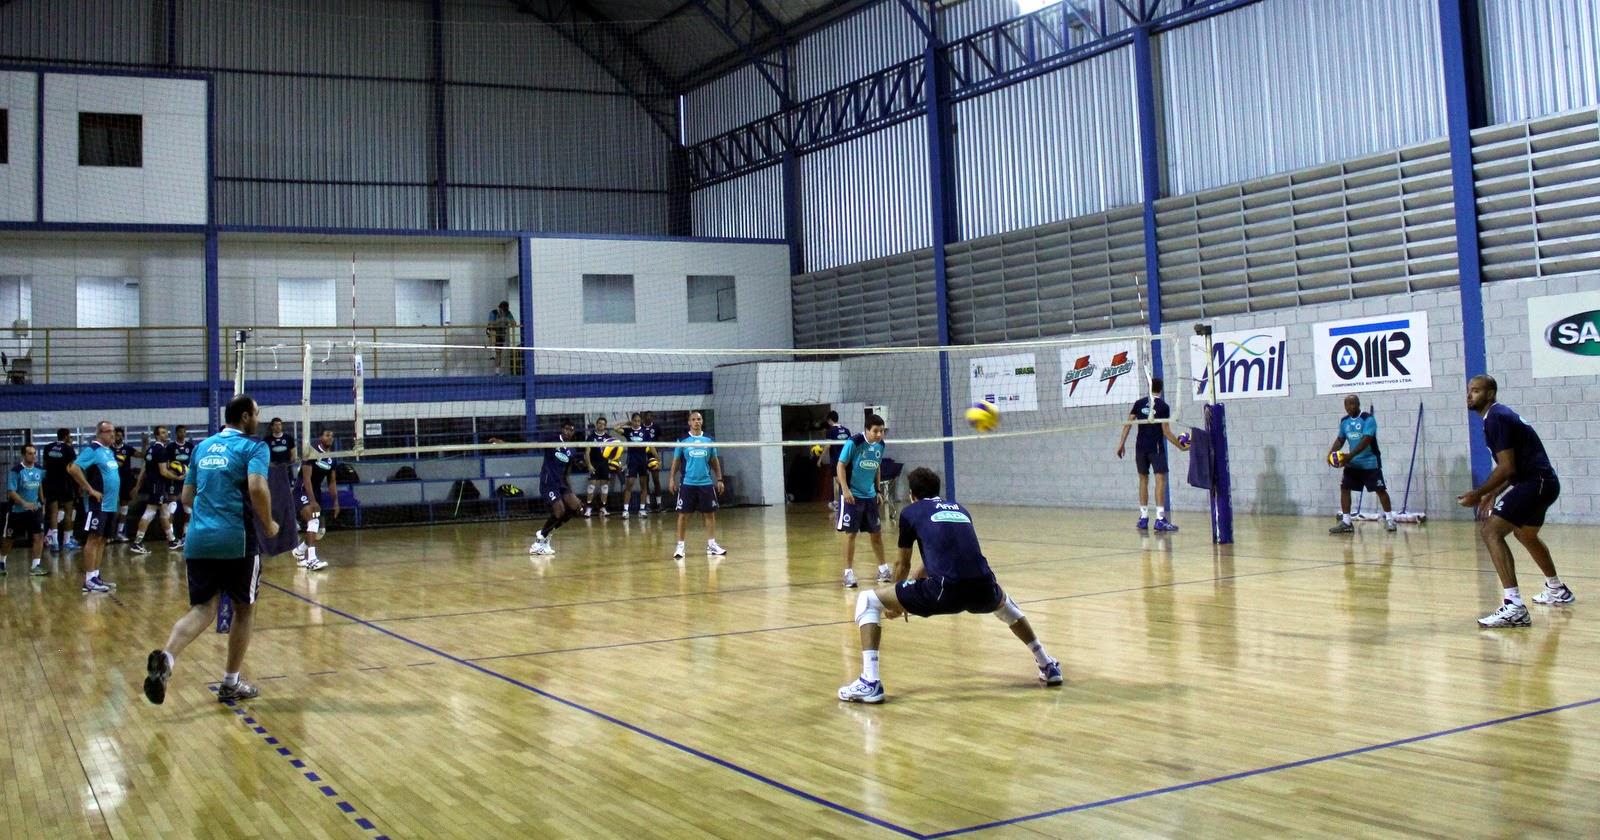 121bc1bd00 Os jogadores e a comissão técnica do Sada Cruzeiro retomaram os  treinamentos na segunda-feira